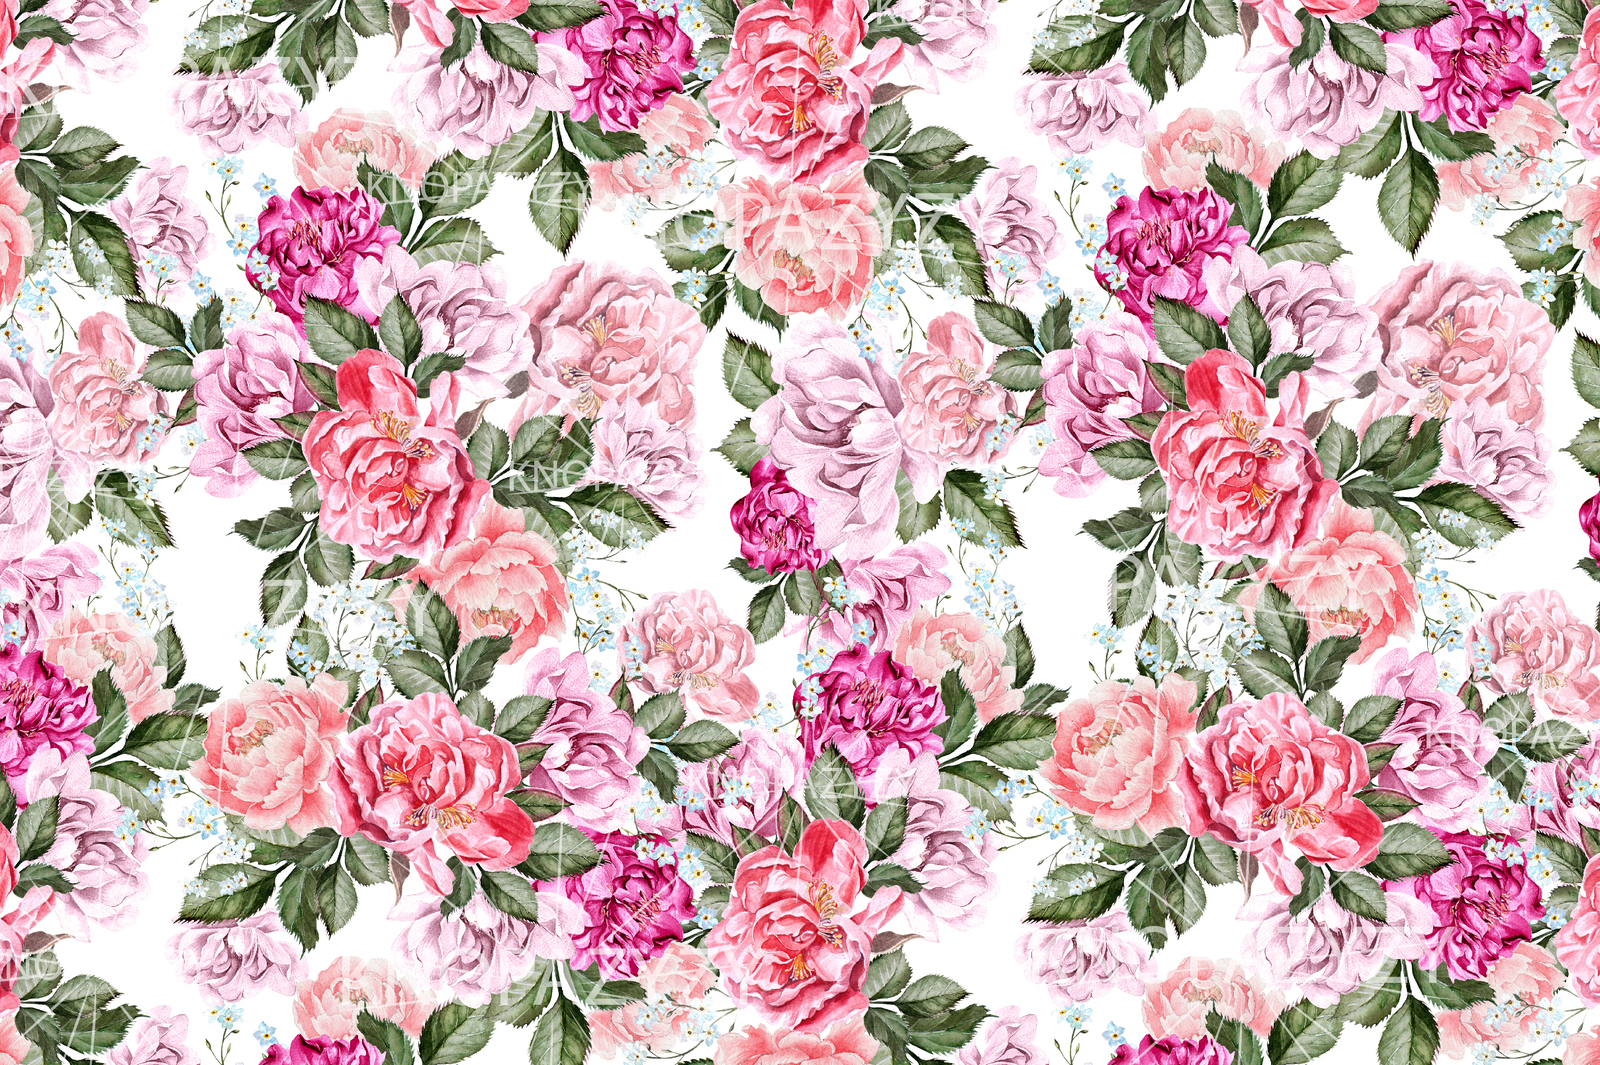 16 Watercolor pattern